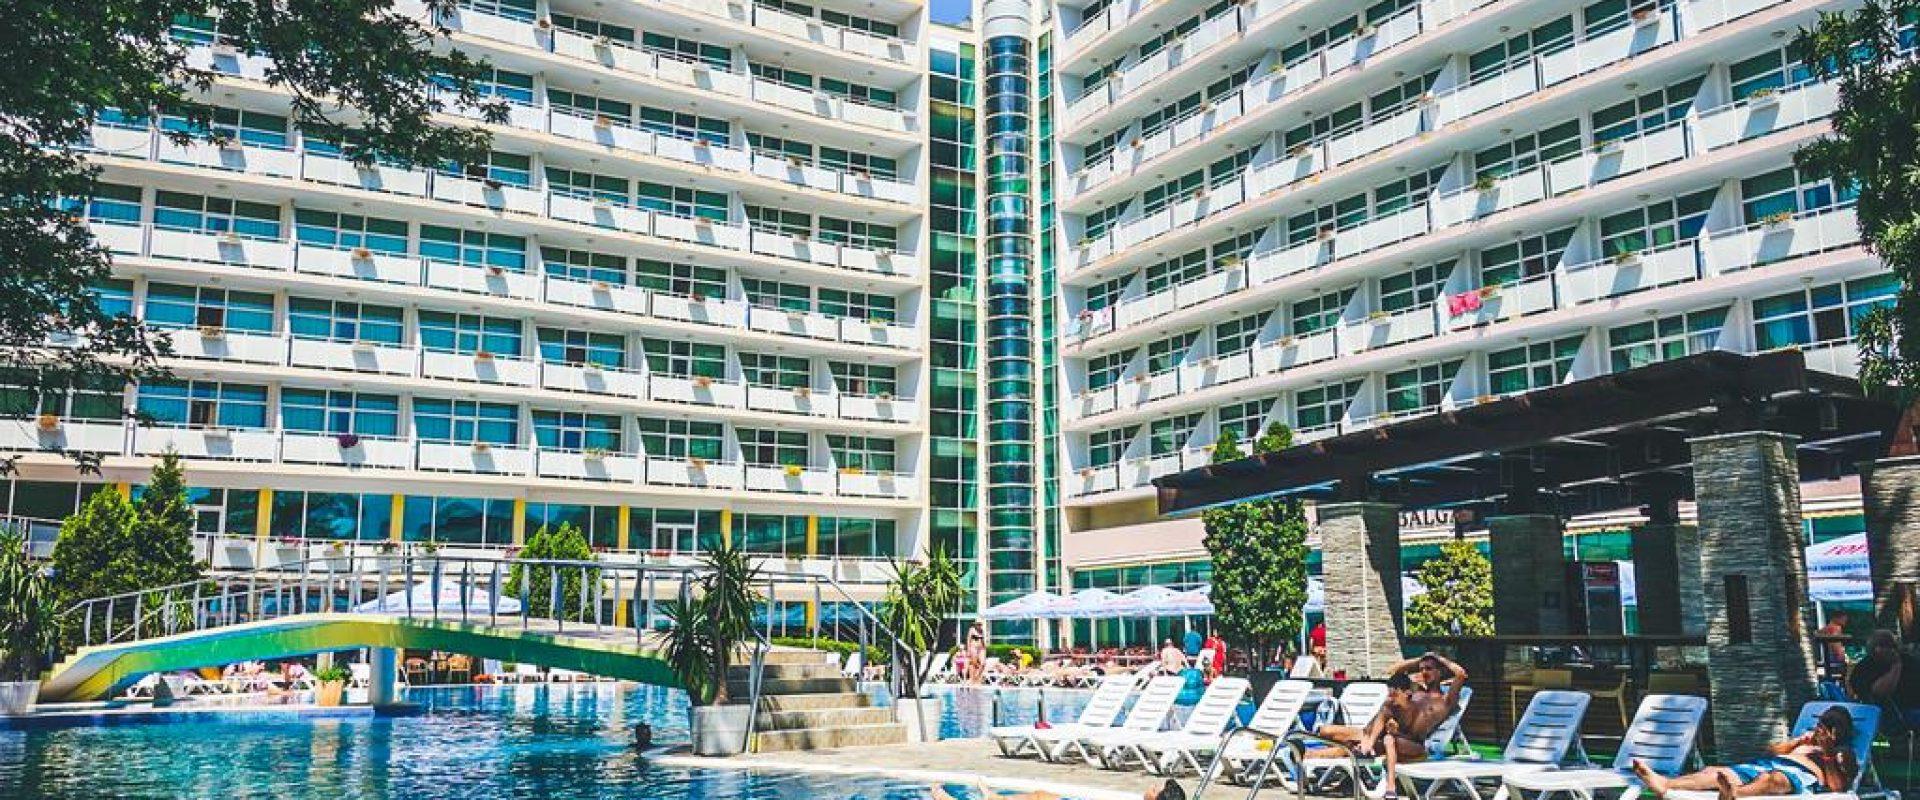 All inclusive Bulgaria 2020, Sunny Beach Grand Hotel Oasis